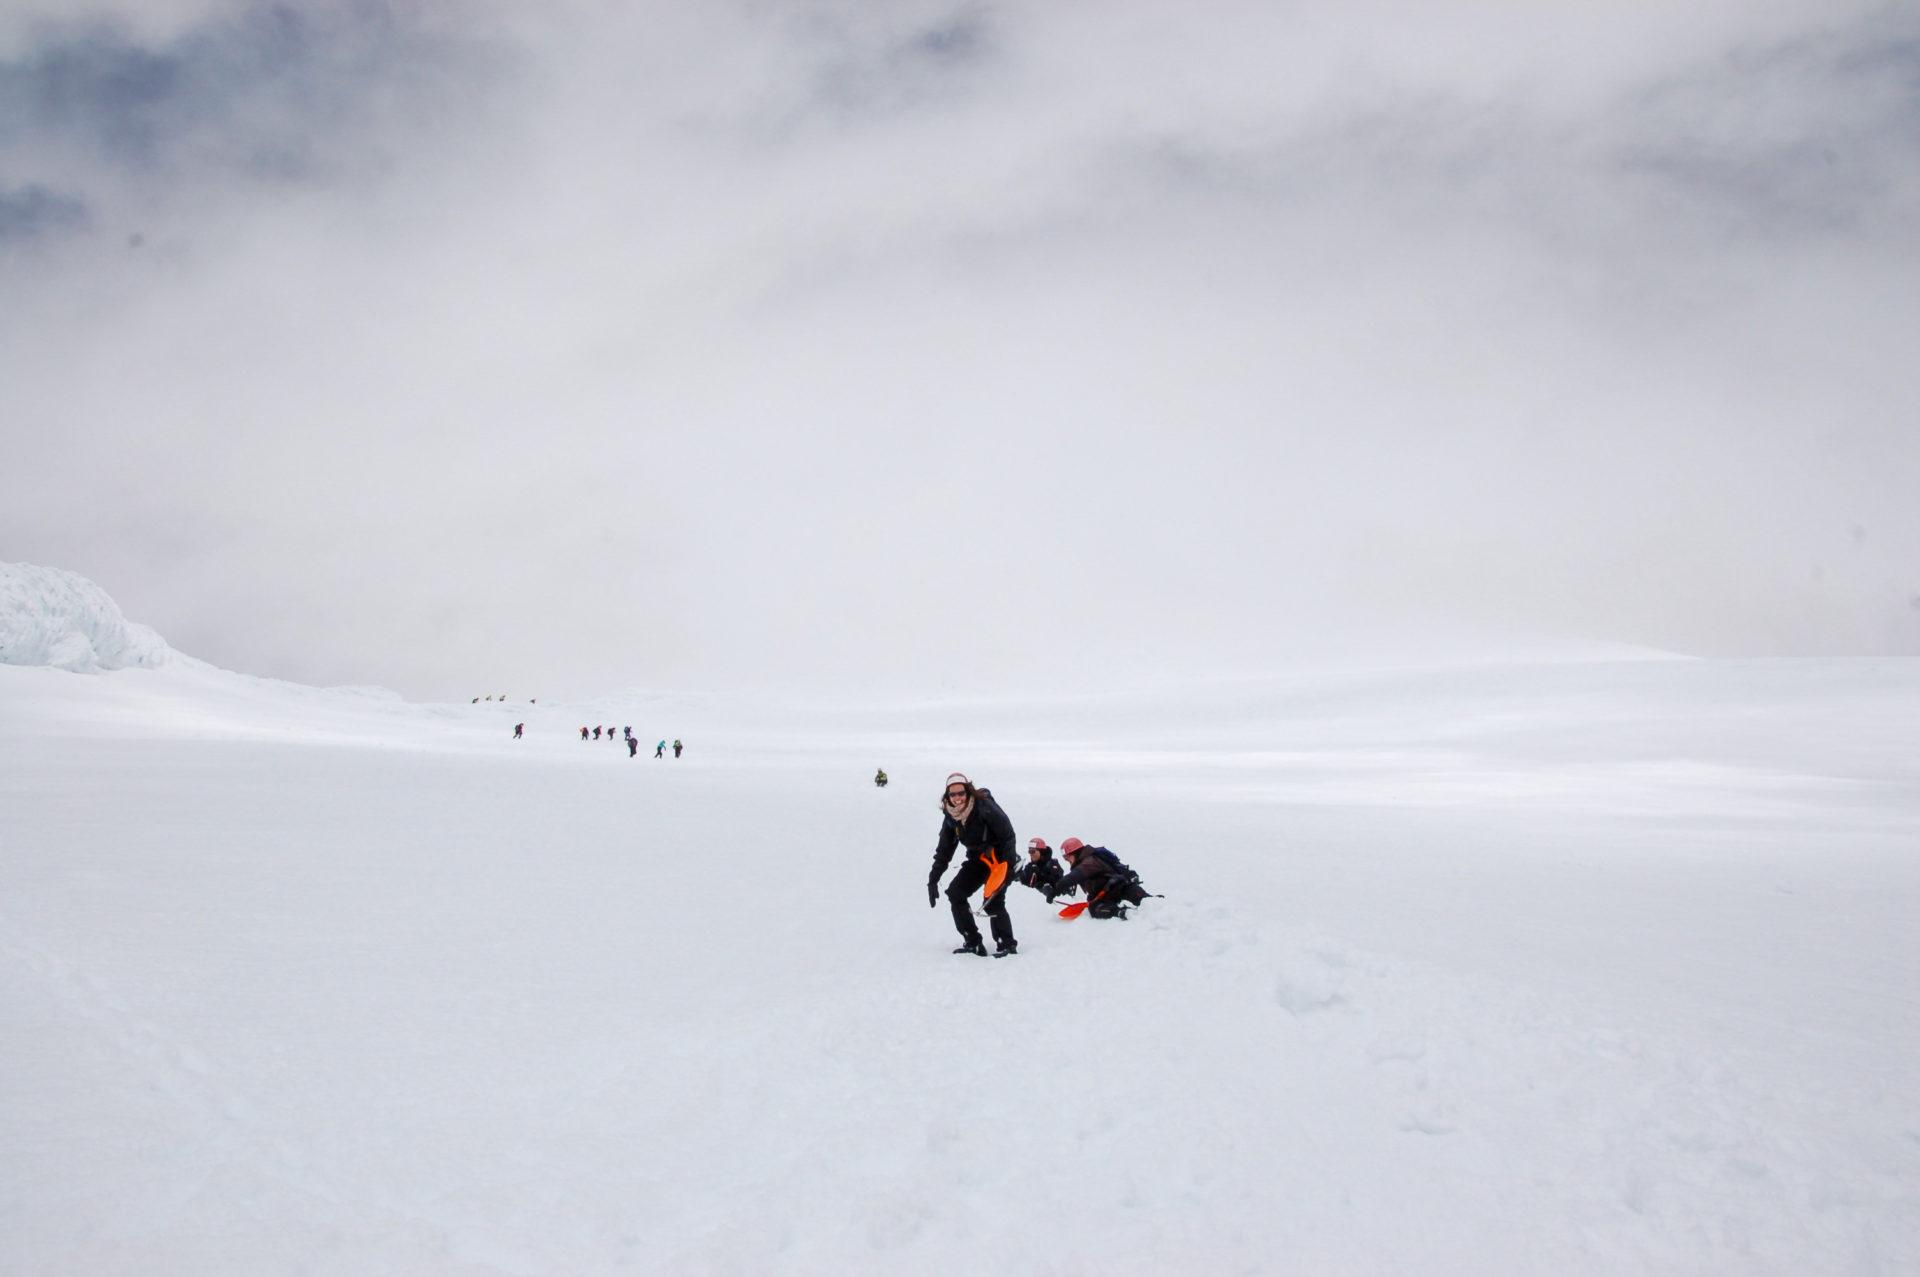 Schneeballschlacht auf den Flanken des Villaricca in Patagonien